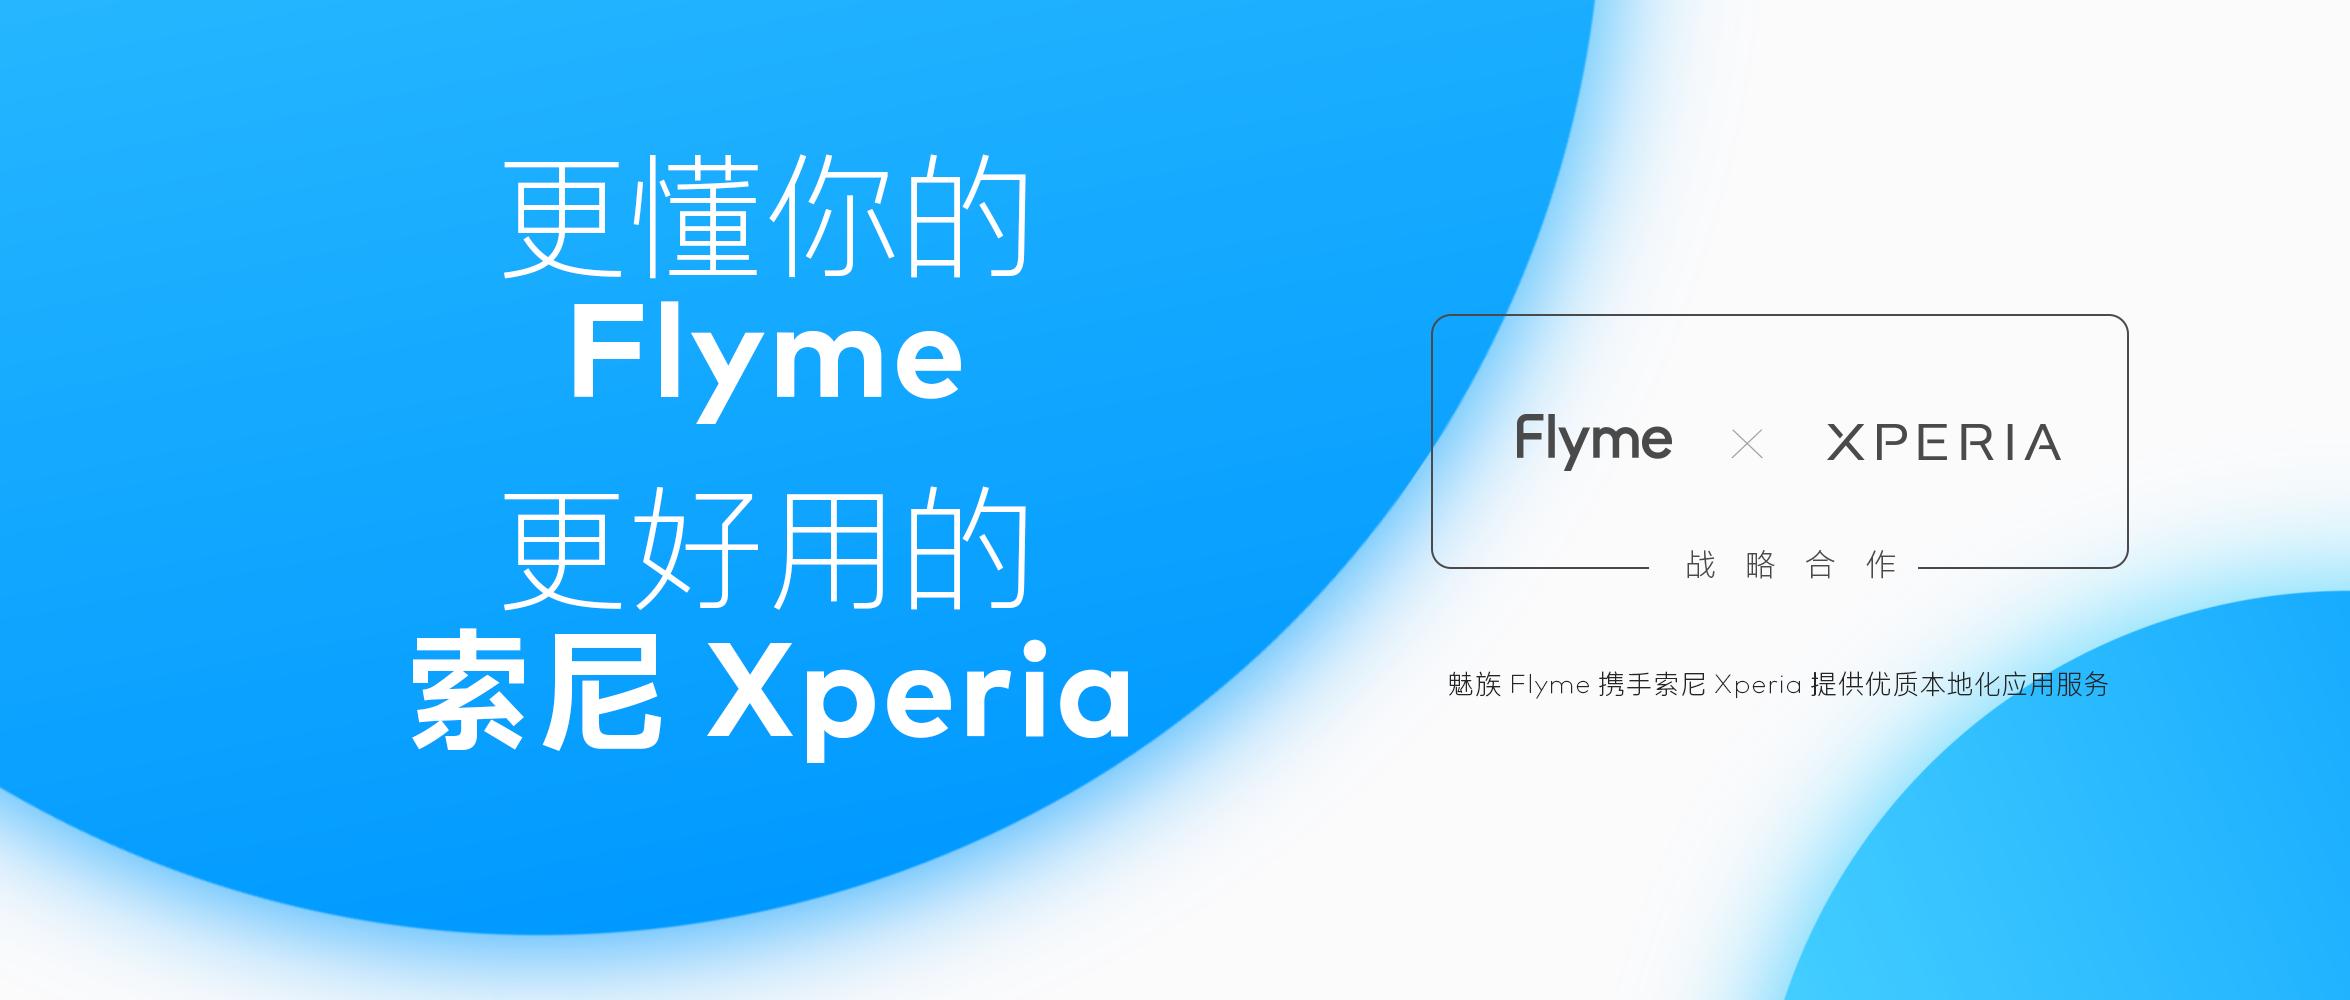 魅族 Flyme 与索尼 Xperia 达成战略合作 推动智能手机系统多元化发展